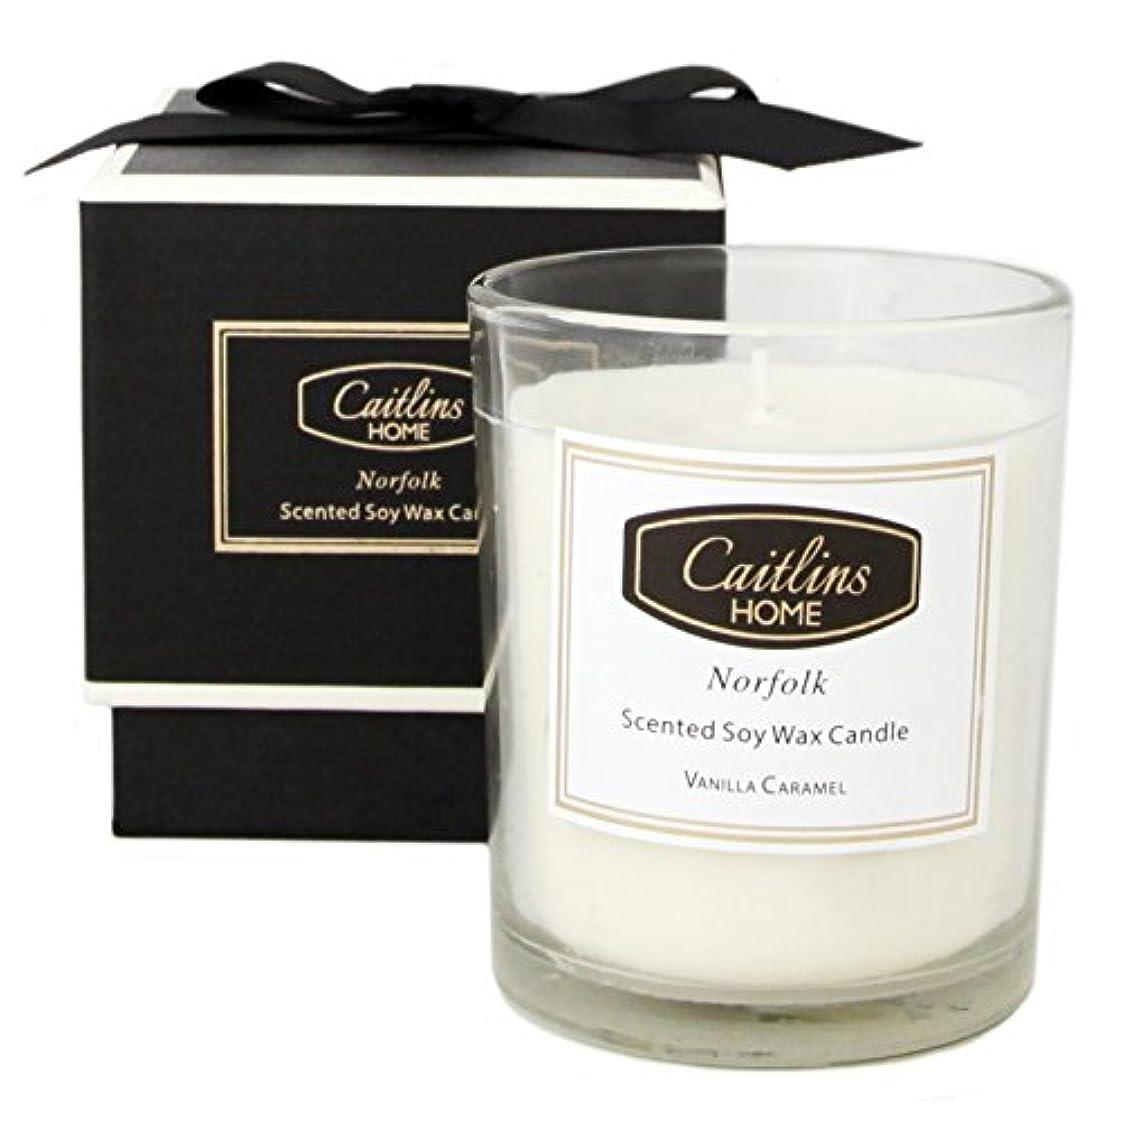 読みやすい周囲賭け(Small, Vanilla Caramel) - Vanilla Caramel Candle Soy Wax Aromatherapy Candle Home Fragrance Gift Caitlins Home